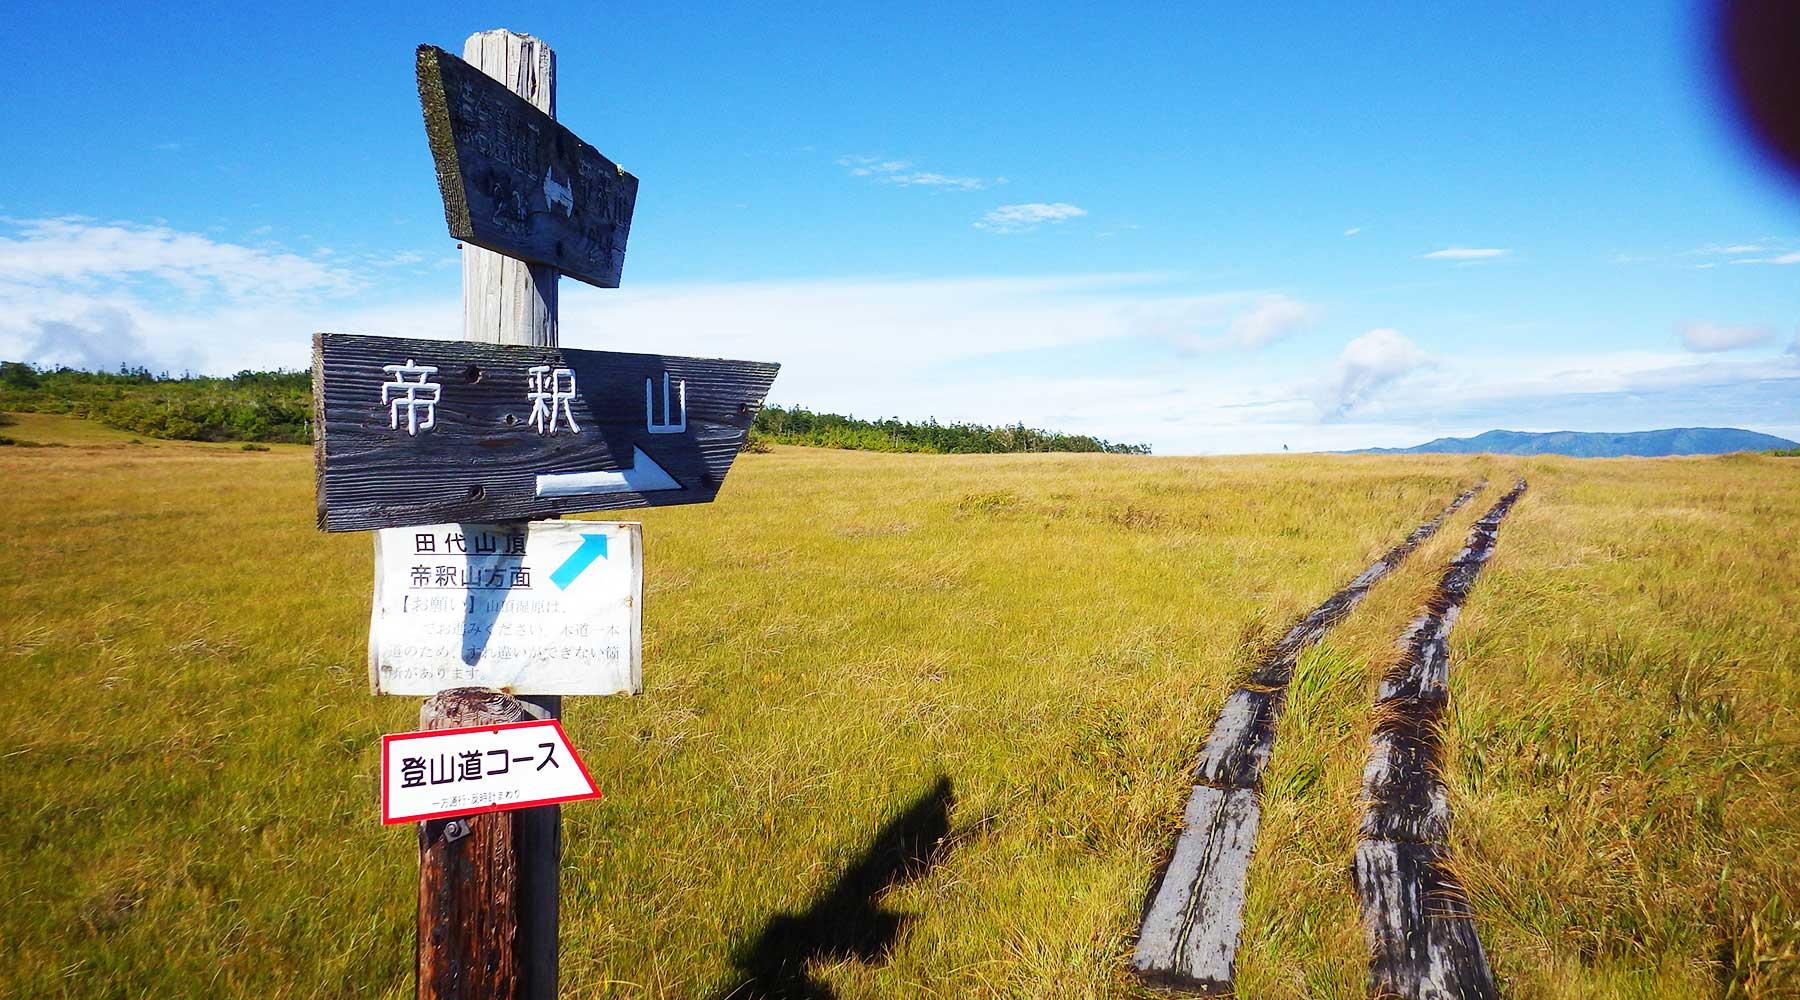 田代山山頂の木道は反時計回りで